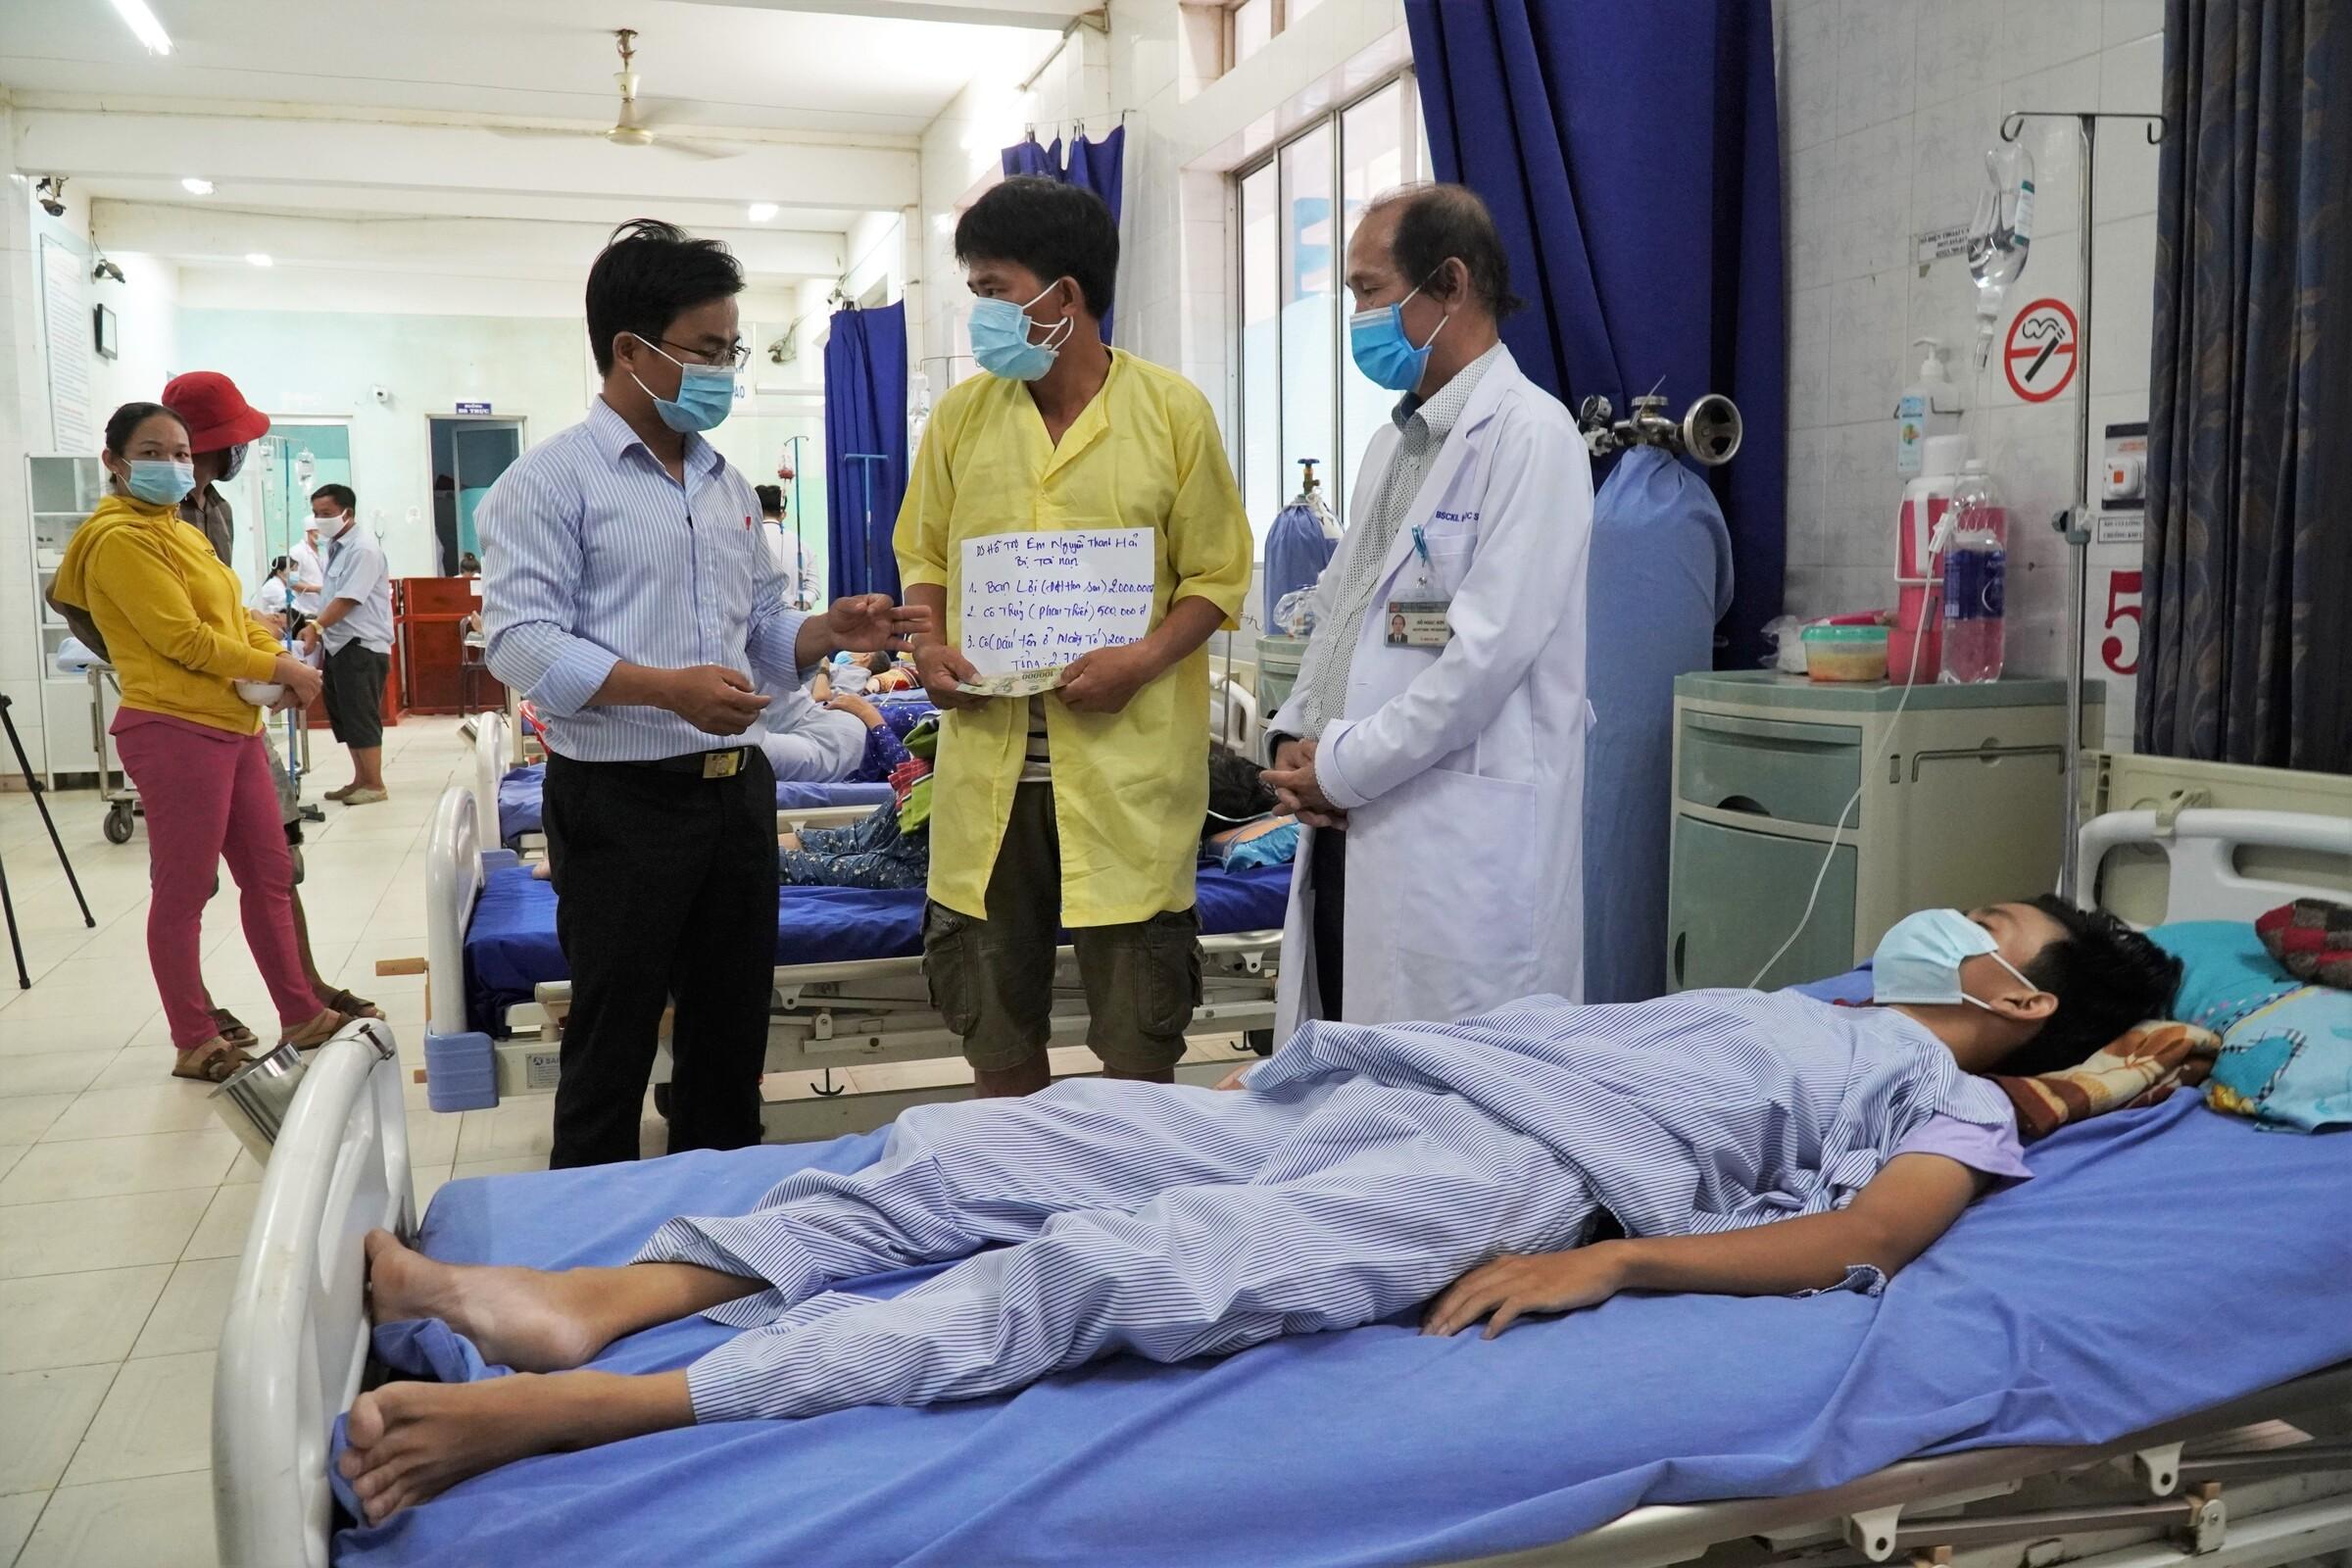 Thầy Võ Văn Cư trao cho ba em Hải tiền hỗ trợ điều trị cho em tại Bệnh viện đa khoa Nam Bình Thuận, ngày 6/5. Ảnh: Việt Quốc.